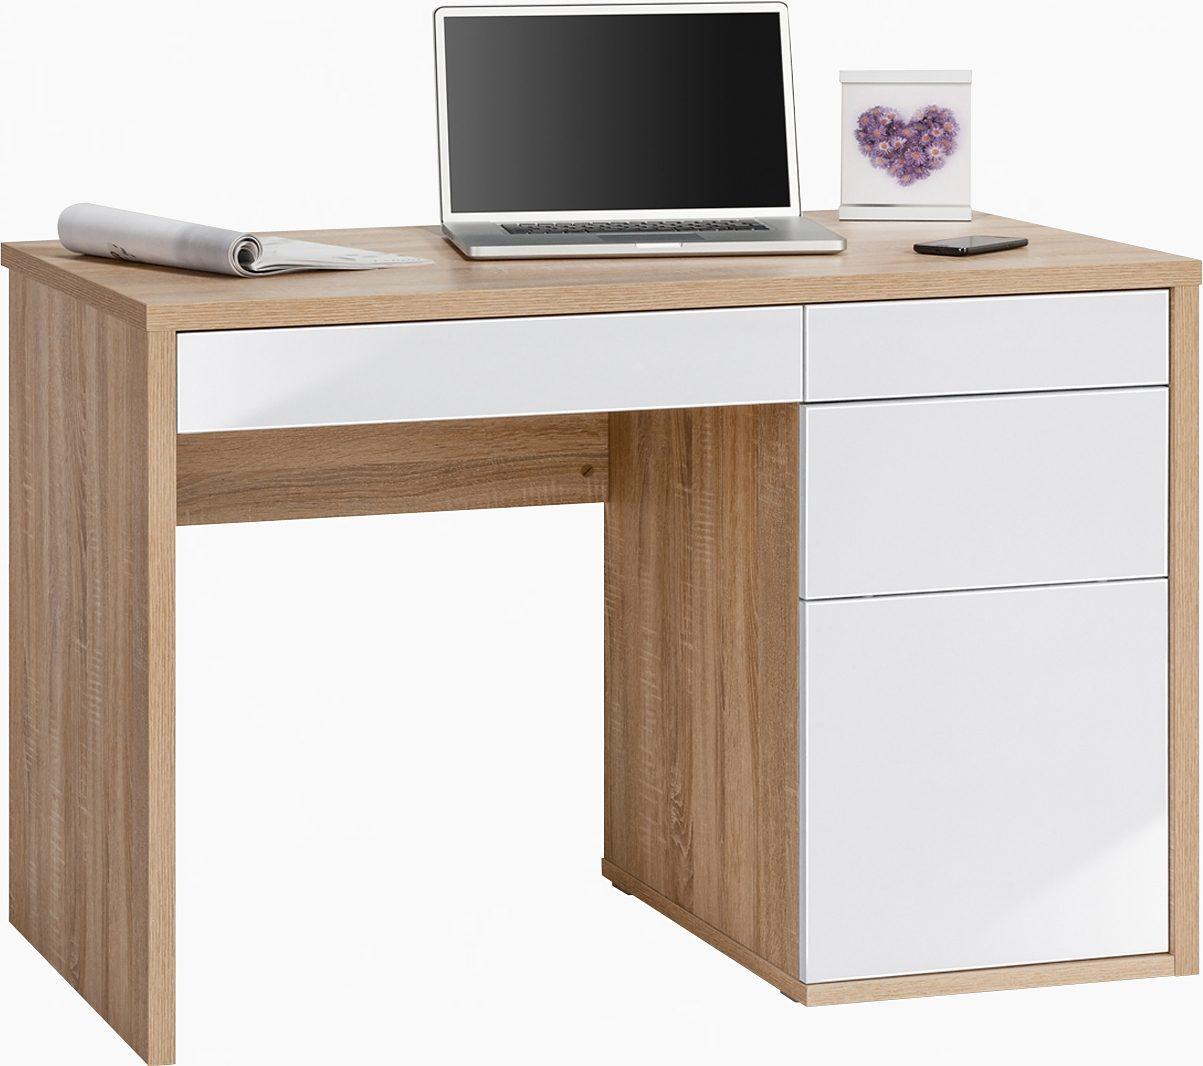 Maja Möbel Schreibtisch »Wismar« mit Push-to-Open-Funktion | Büro > Bürotische > Schreibtische | Braun | Hochglanz - Abs - Melamin | MAJA MÖBEL